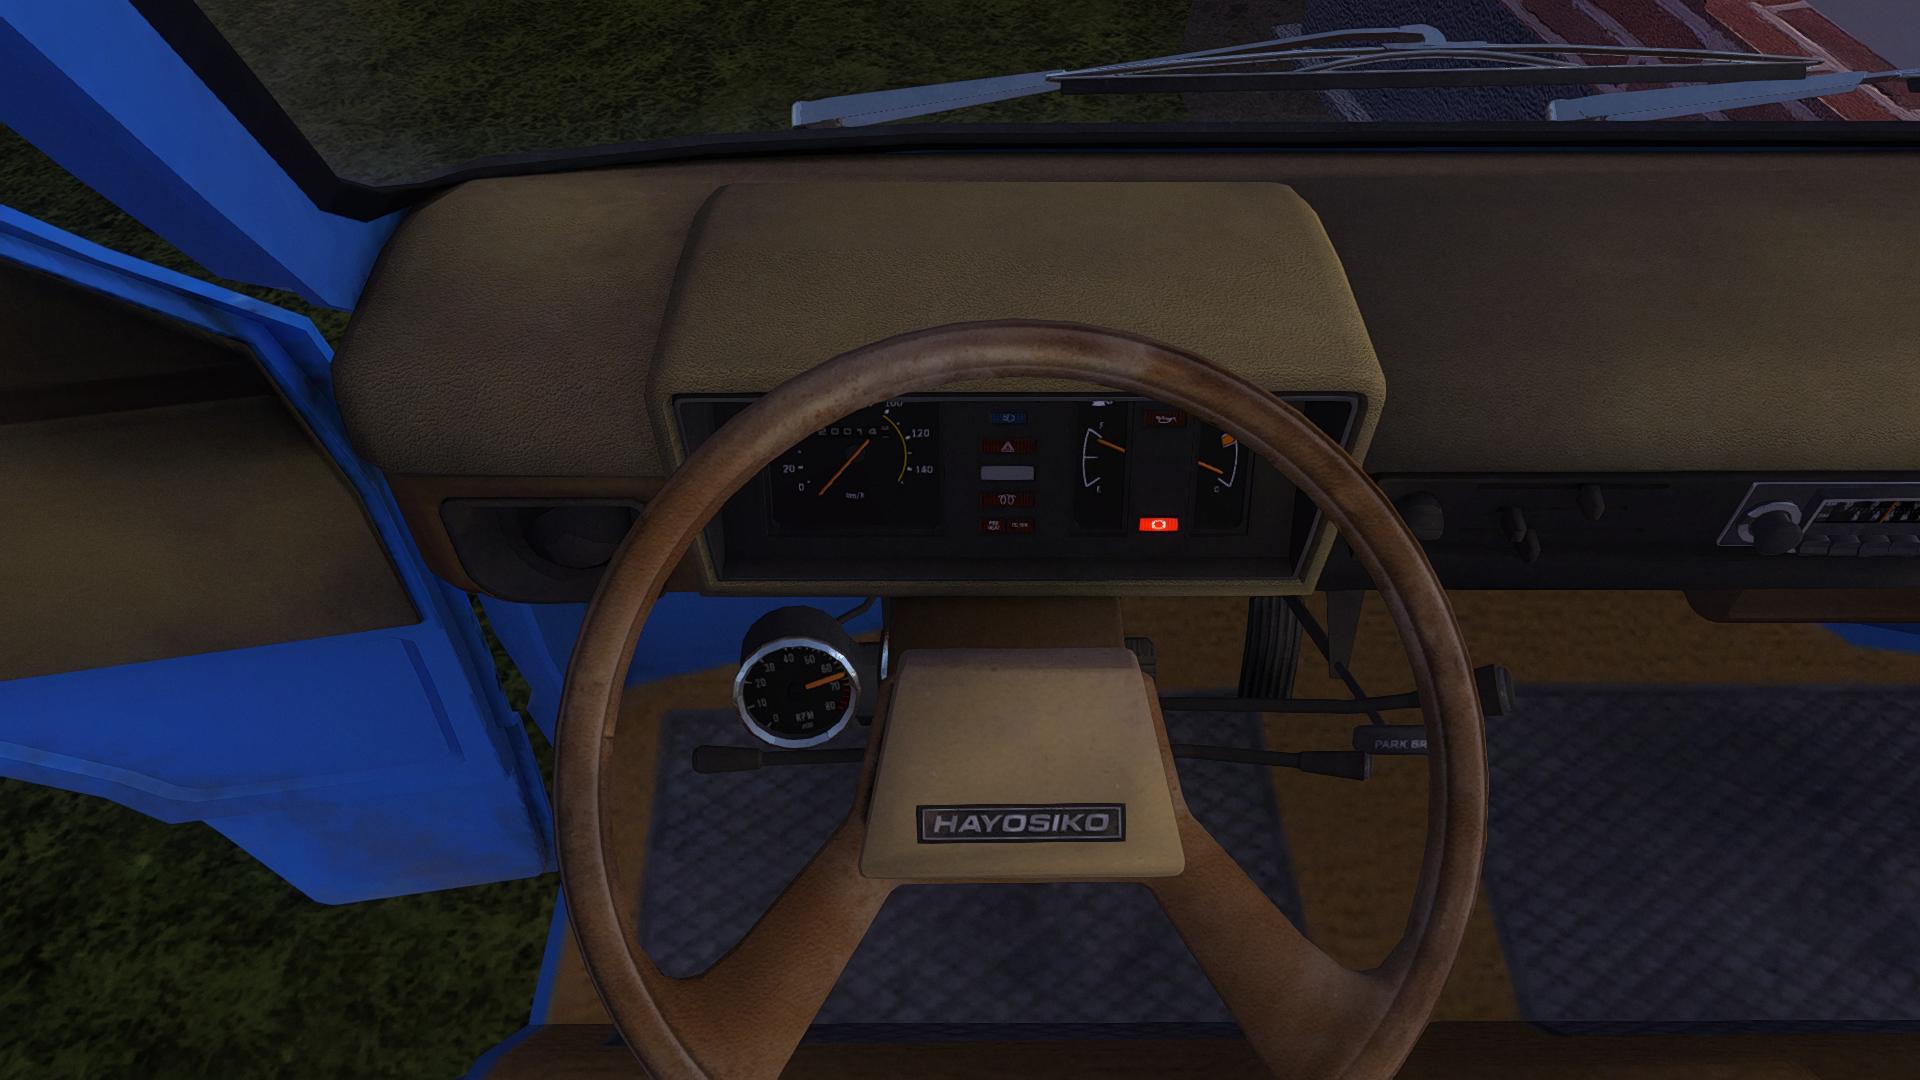 Hayosiko Tachometer Mod - My Summer Car Mods | GameWatcher